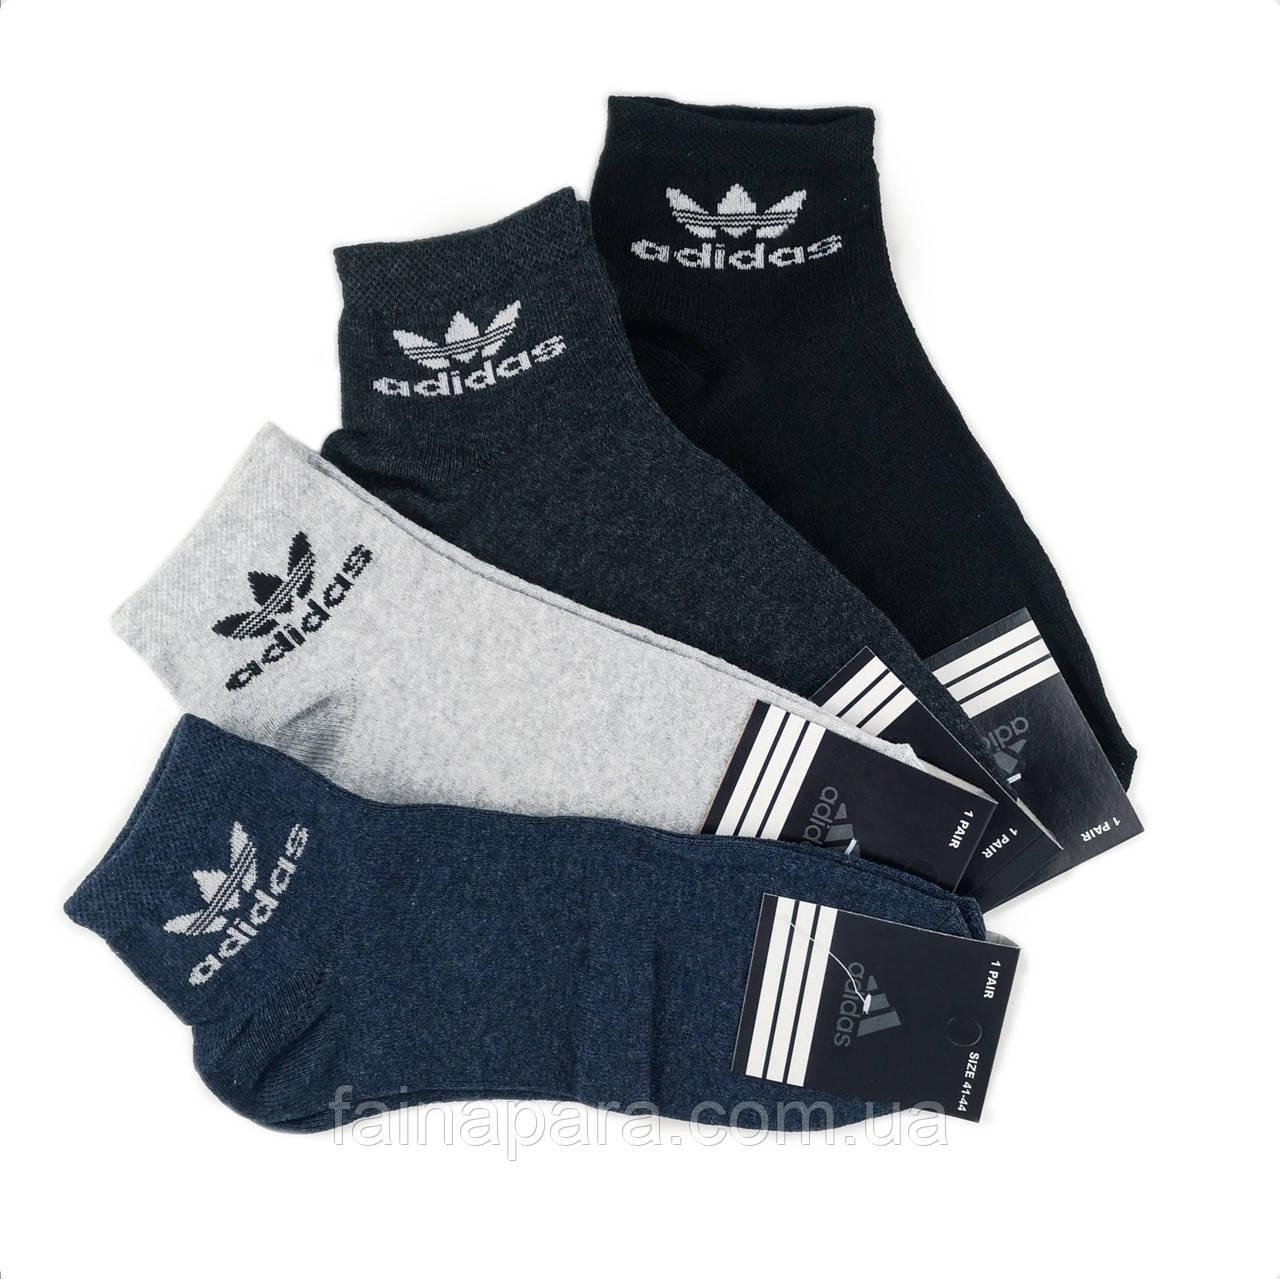 Короткие спортивные мужские носки Adidas